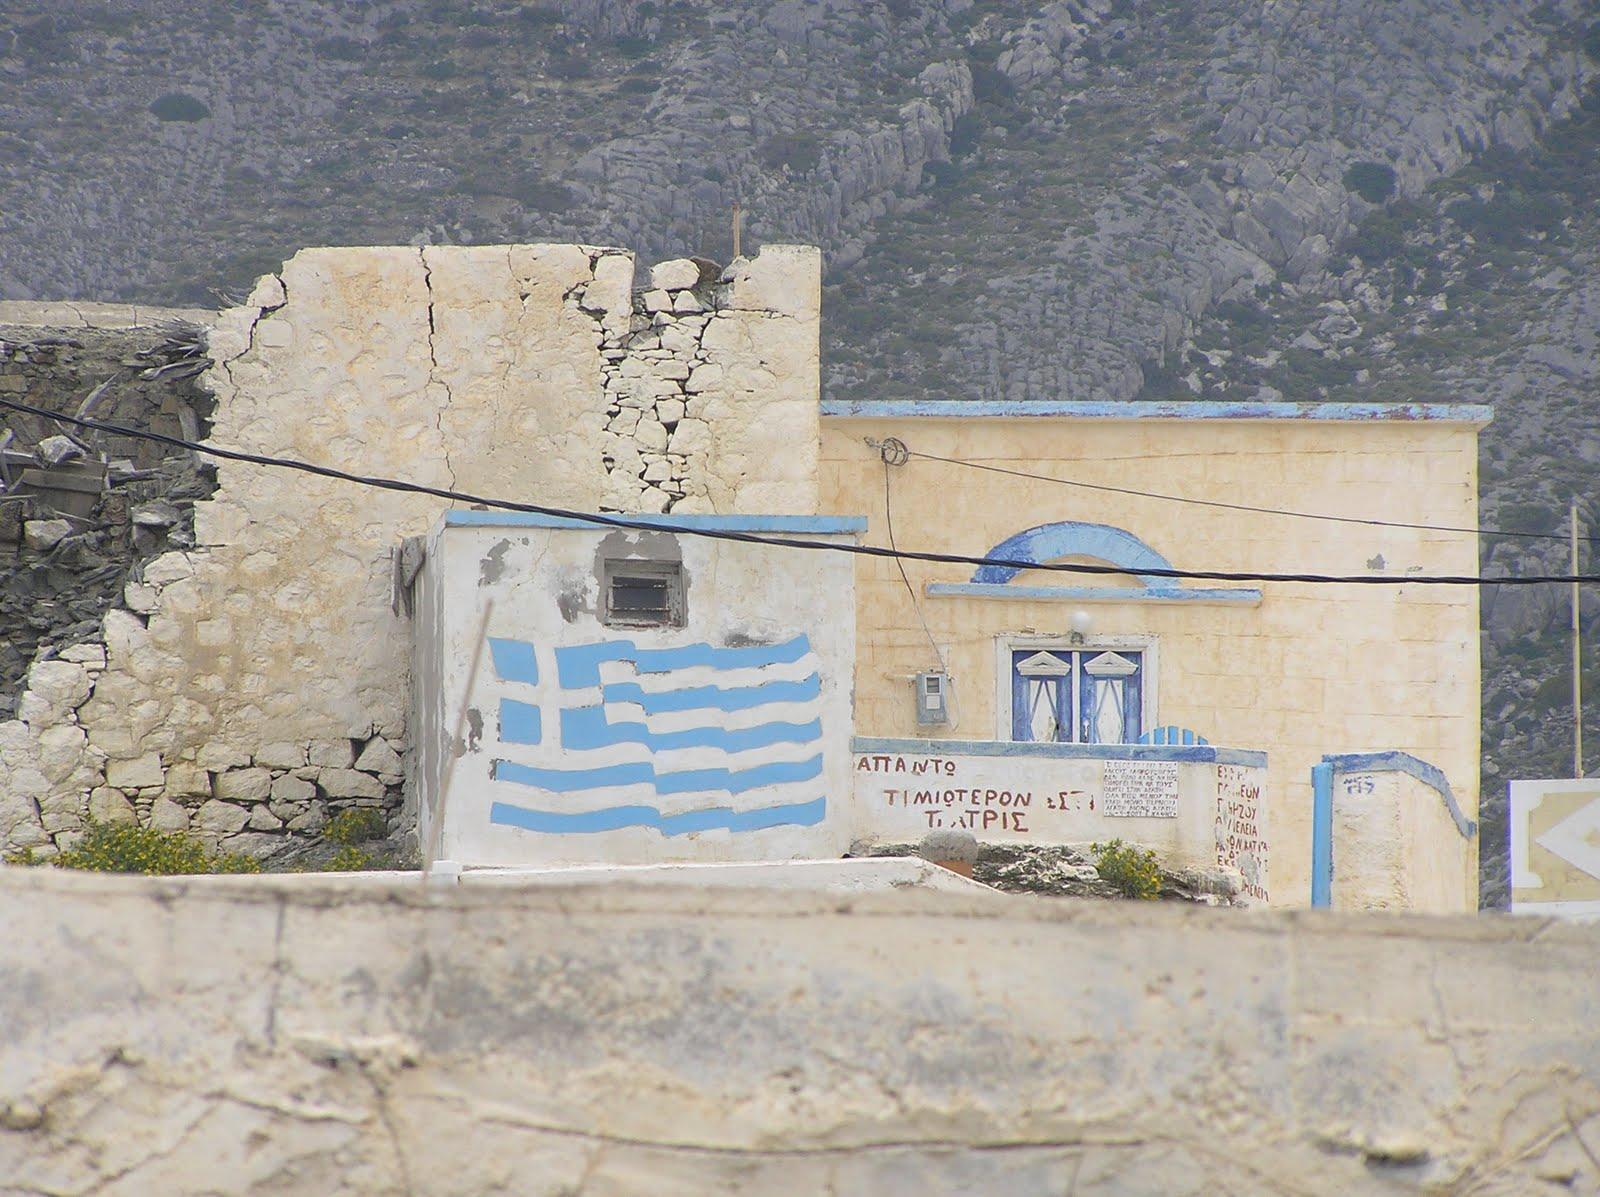 Kreative Lösungen in Griechenland und hier